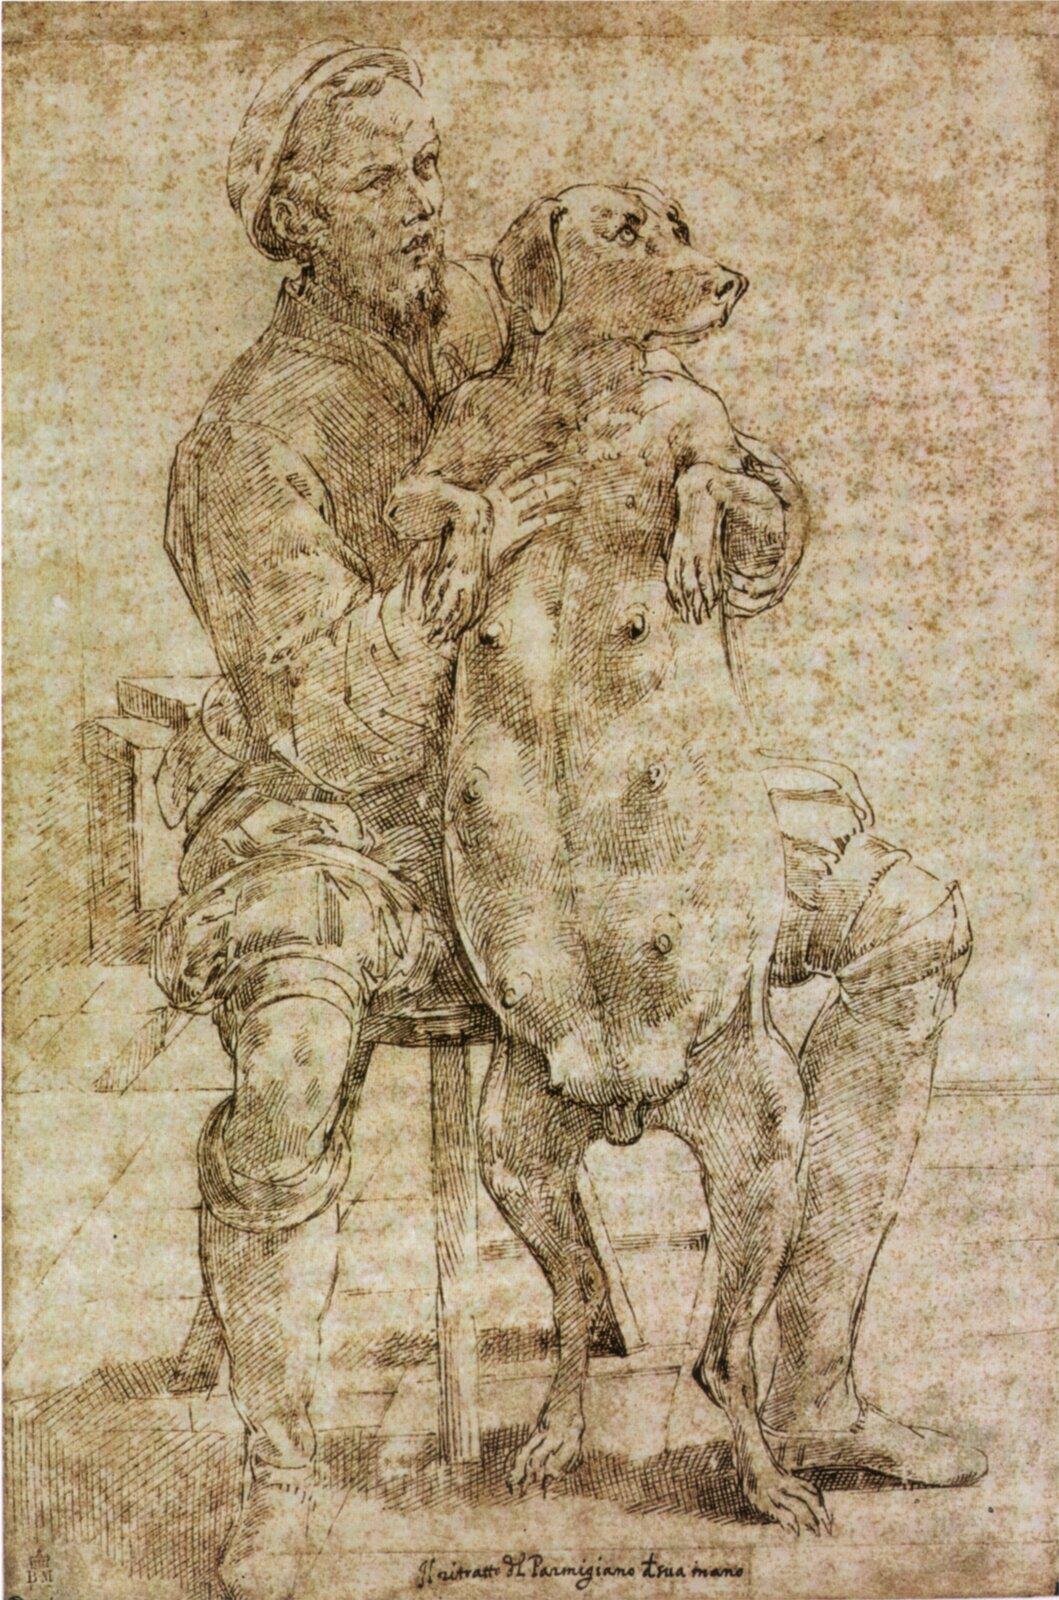 Rysunek Parmigianinoprzedstawiający artystę zkarmiącą suką. Rysunek Parmigianinoprzedstawiający artystę zkarmiącą suką. Źródło: Parmigianino, ok. 1530, domena publiczna.